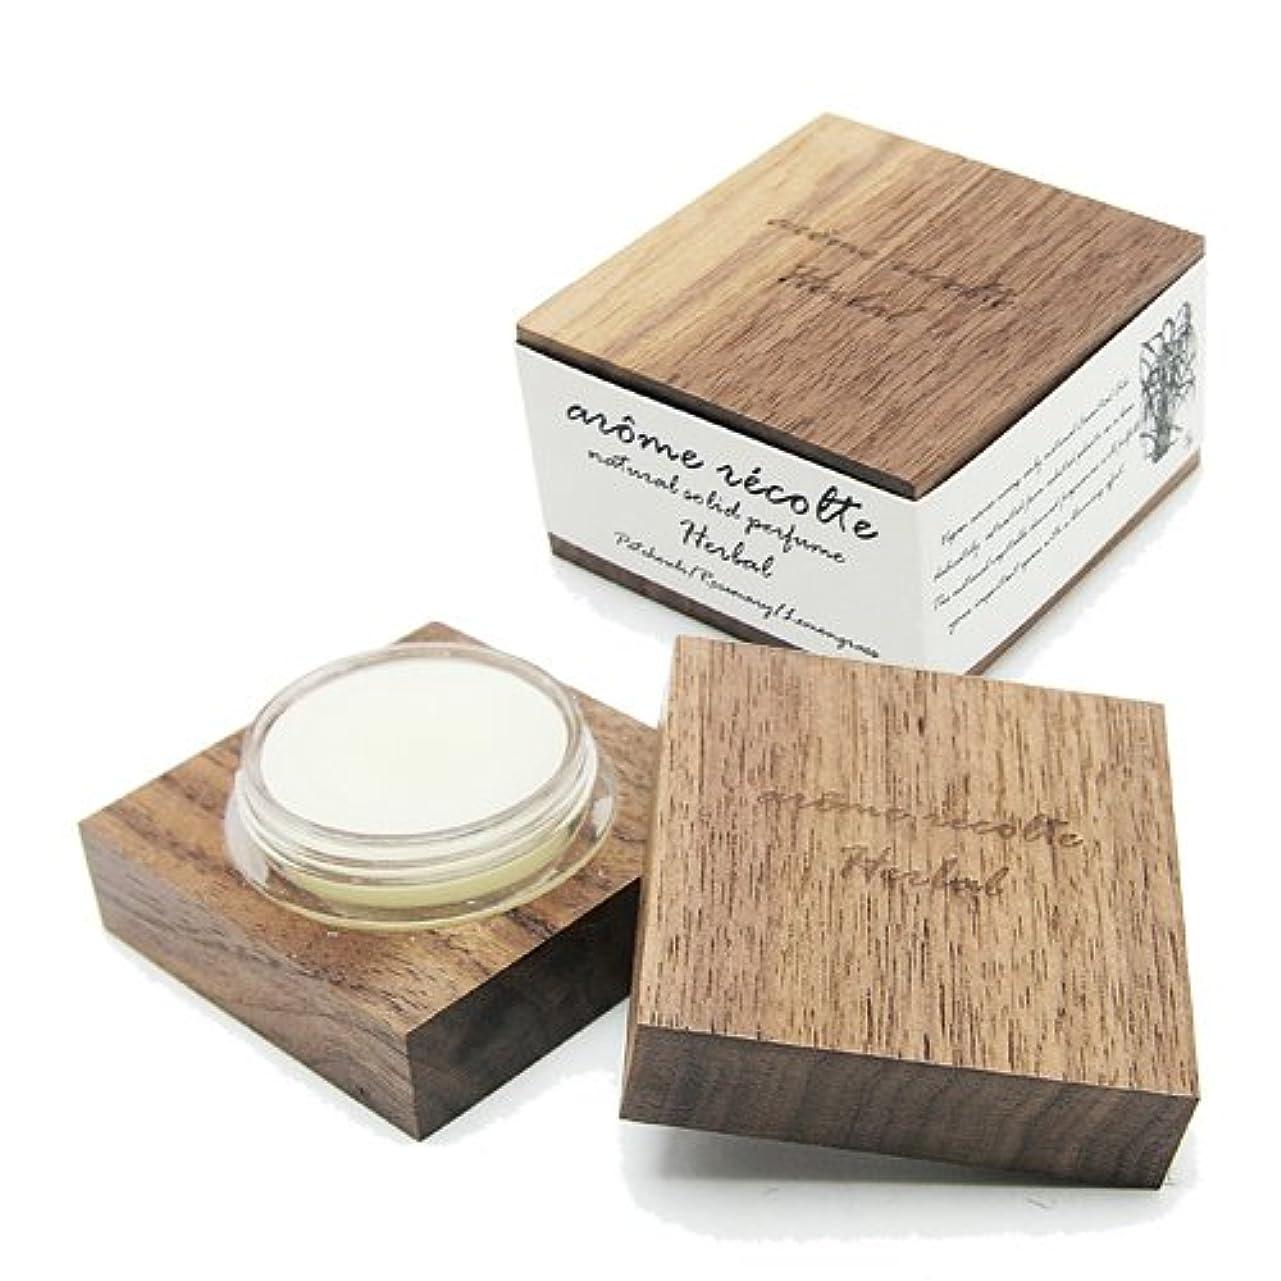 香りシェア時制アロマレコルト ナチュラル ソリッドパフューム ハーバル Herbal arome recolte 練り香水